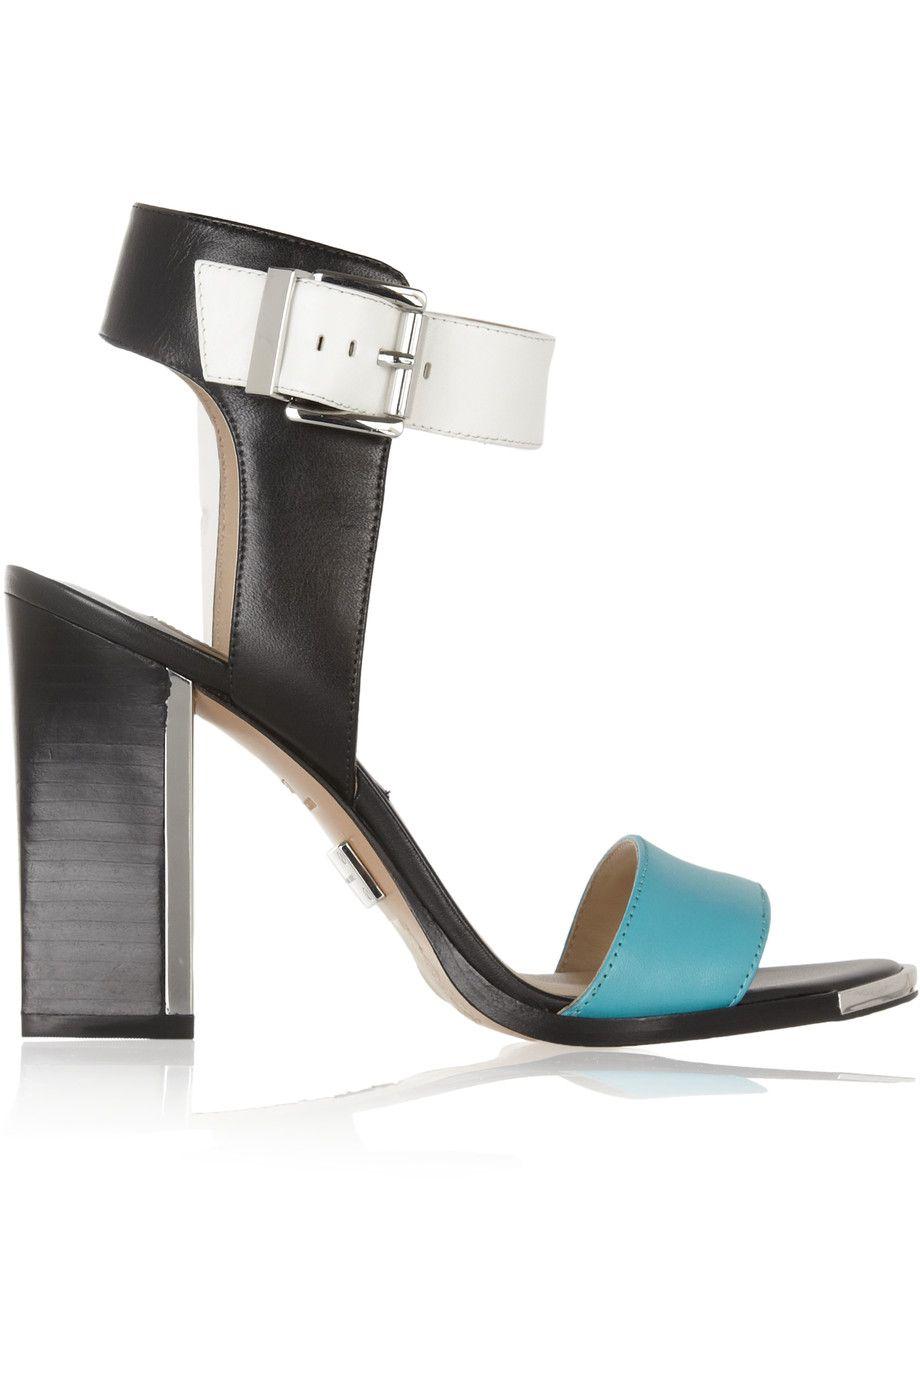 f5fabb92f9 MICHAEL KORS Carson Color-Block Leather Sandals. #michaelkors #shoes # sandals